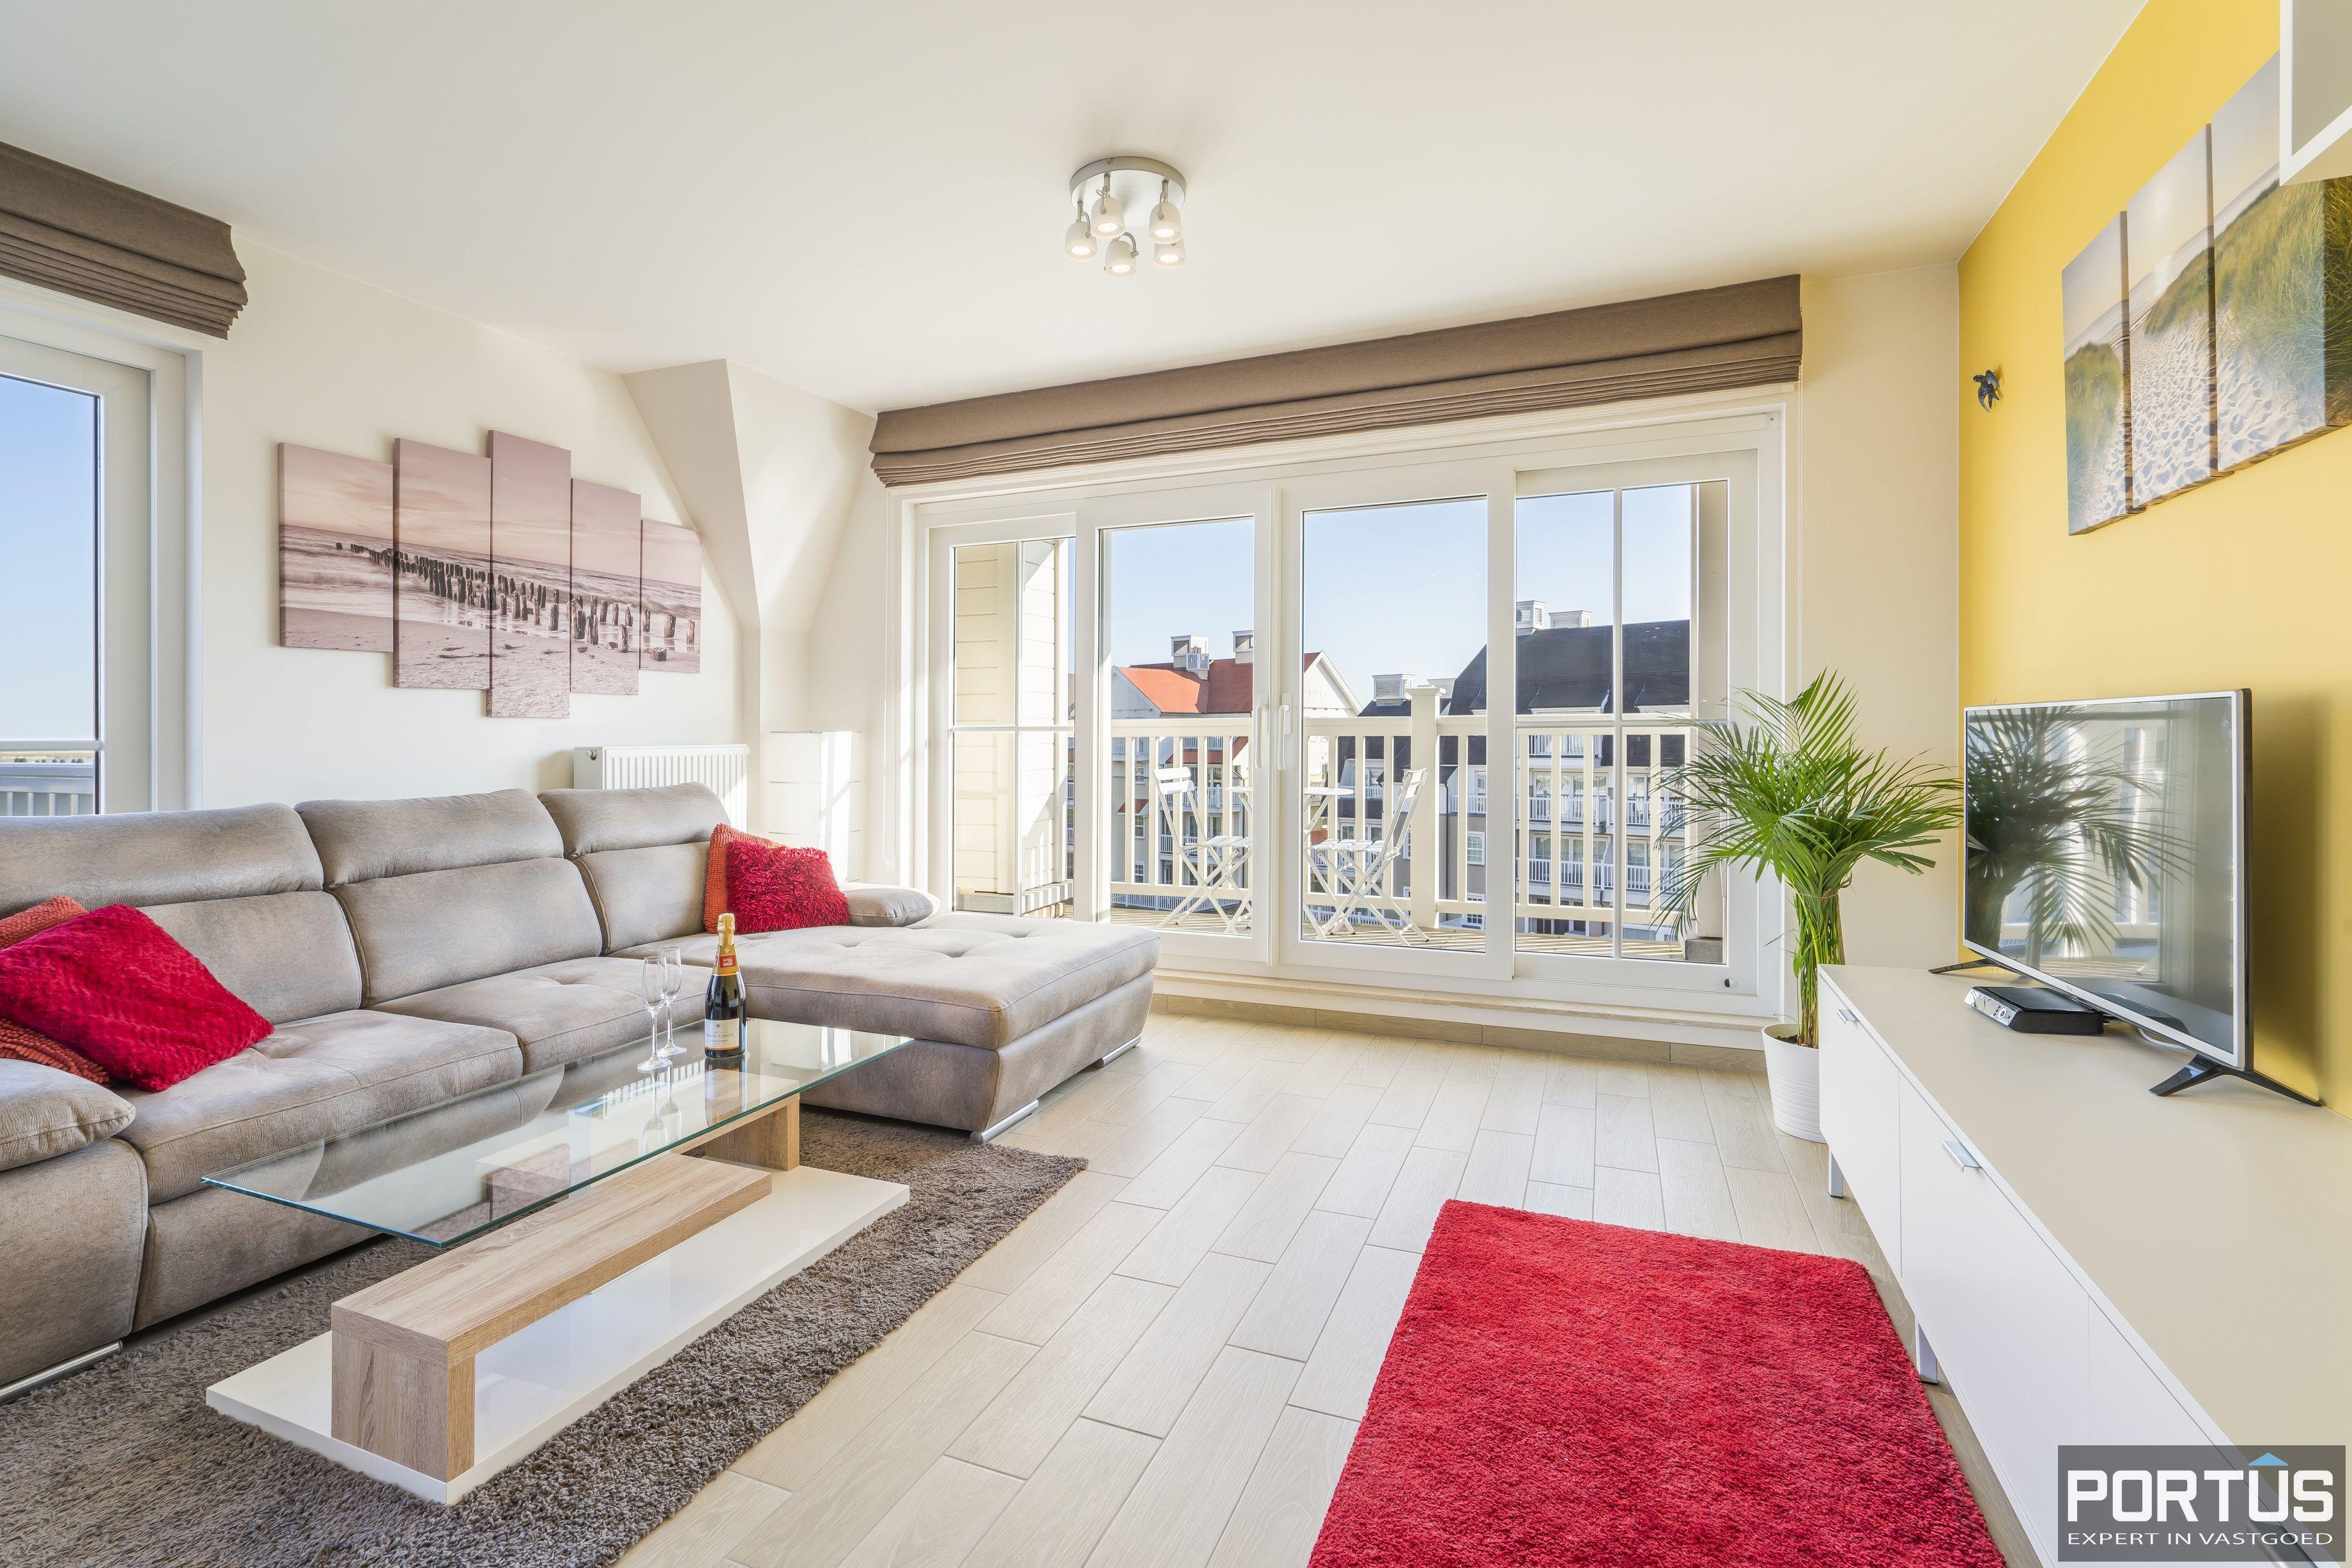 Instapklaar appartement te koop met prachtig zicht op Maritiem park te Nieuwpoort - 12575